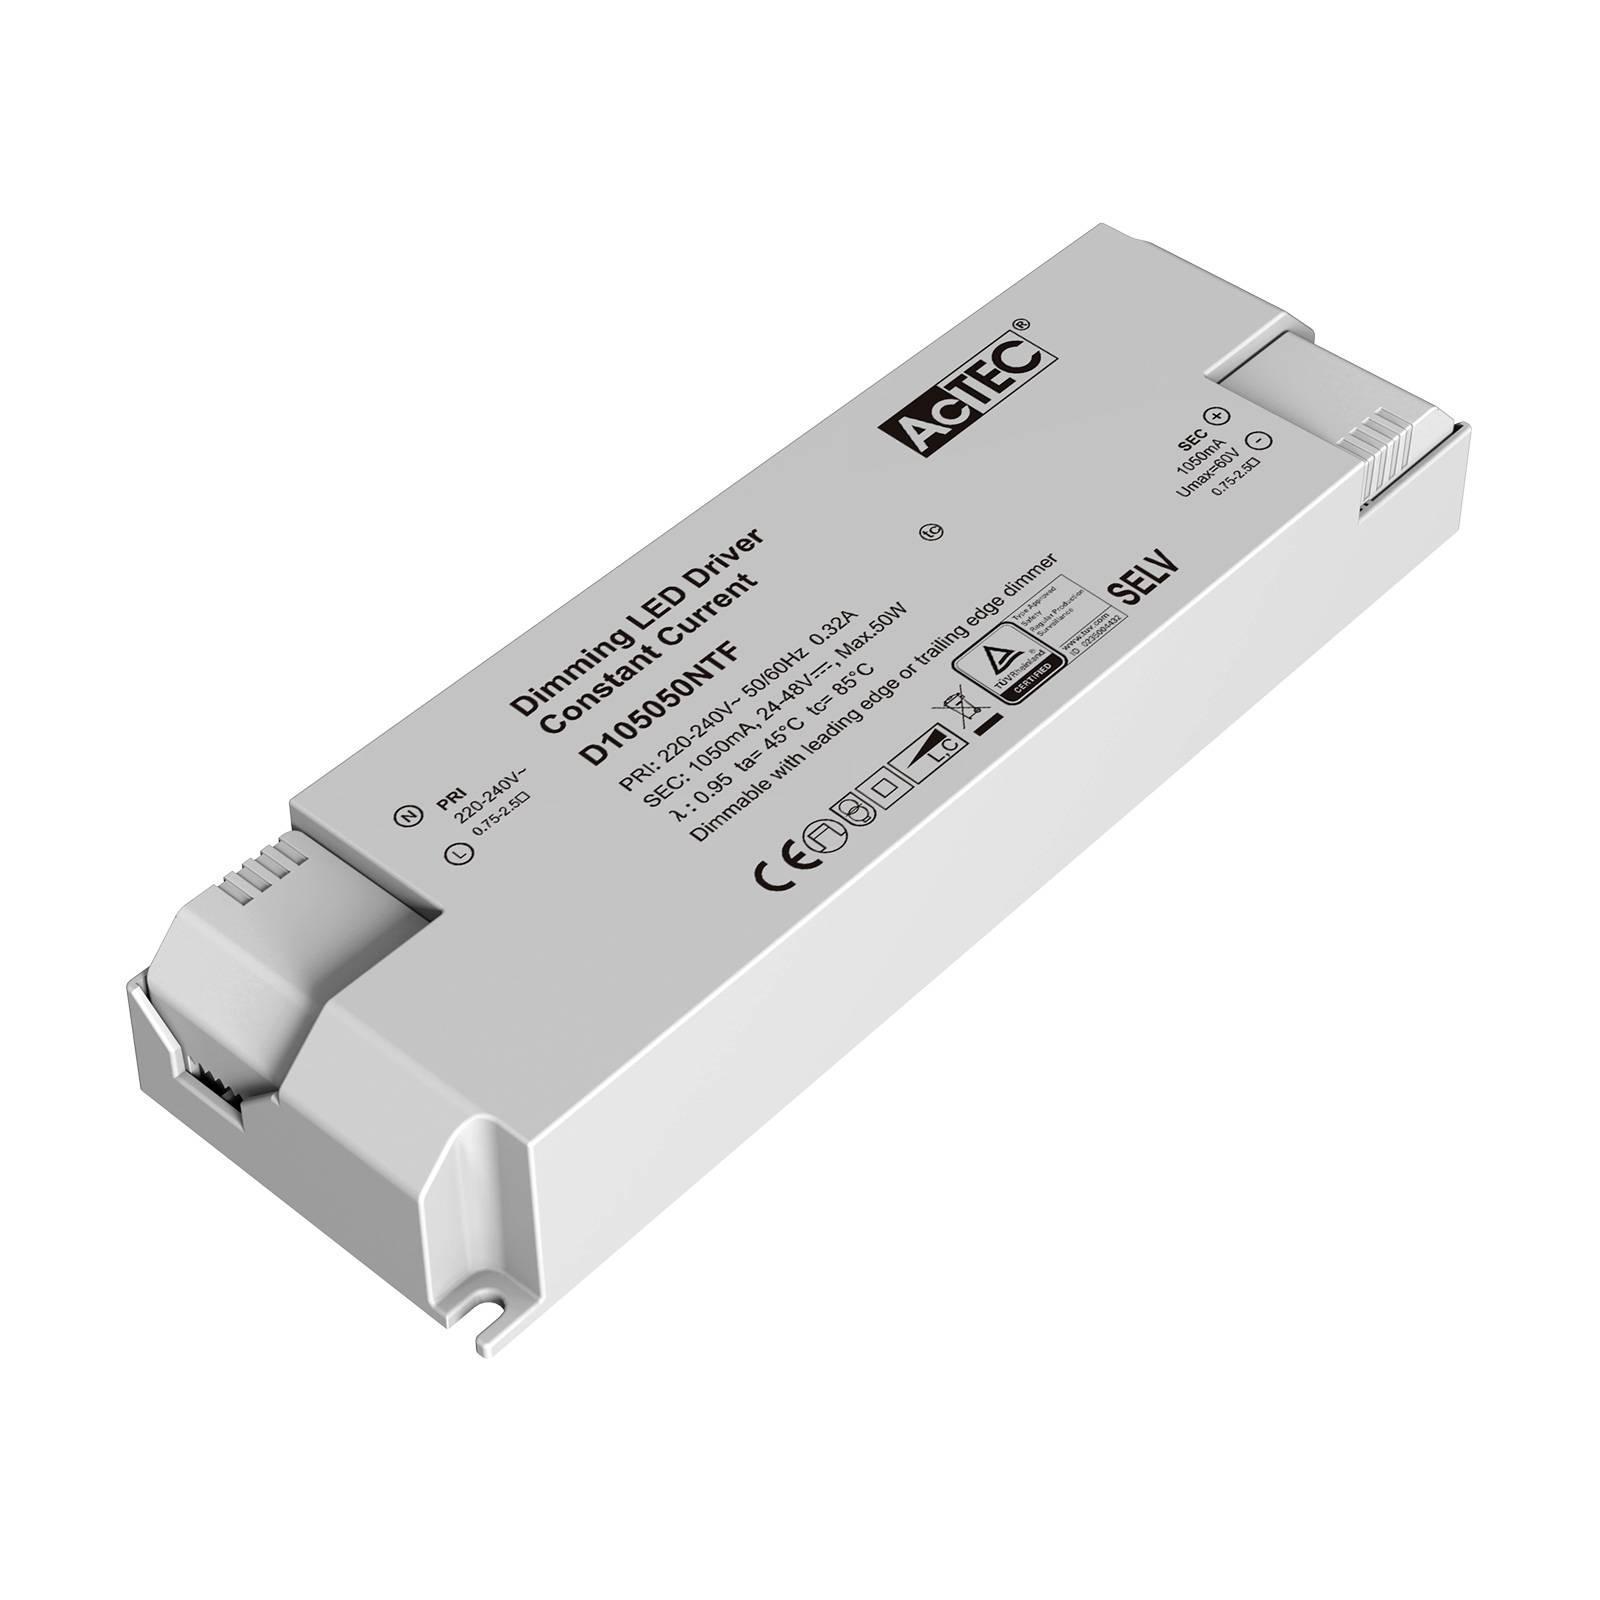 ACTEC AcTEC Triac LED ovladač CC max. 50W 1050mA